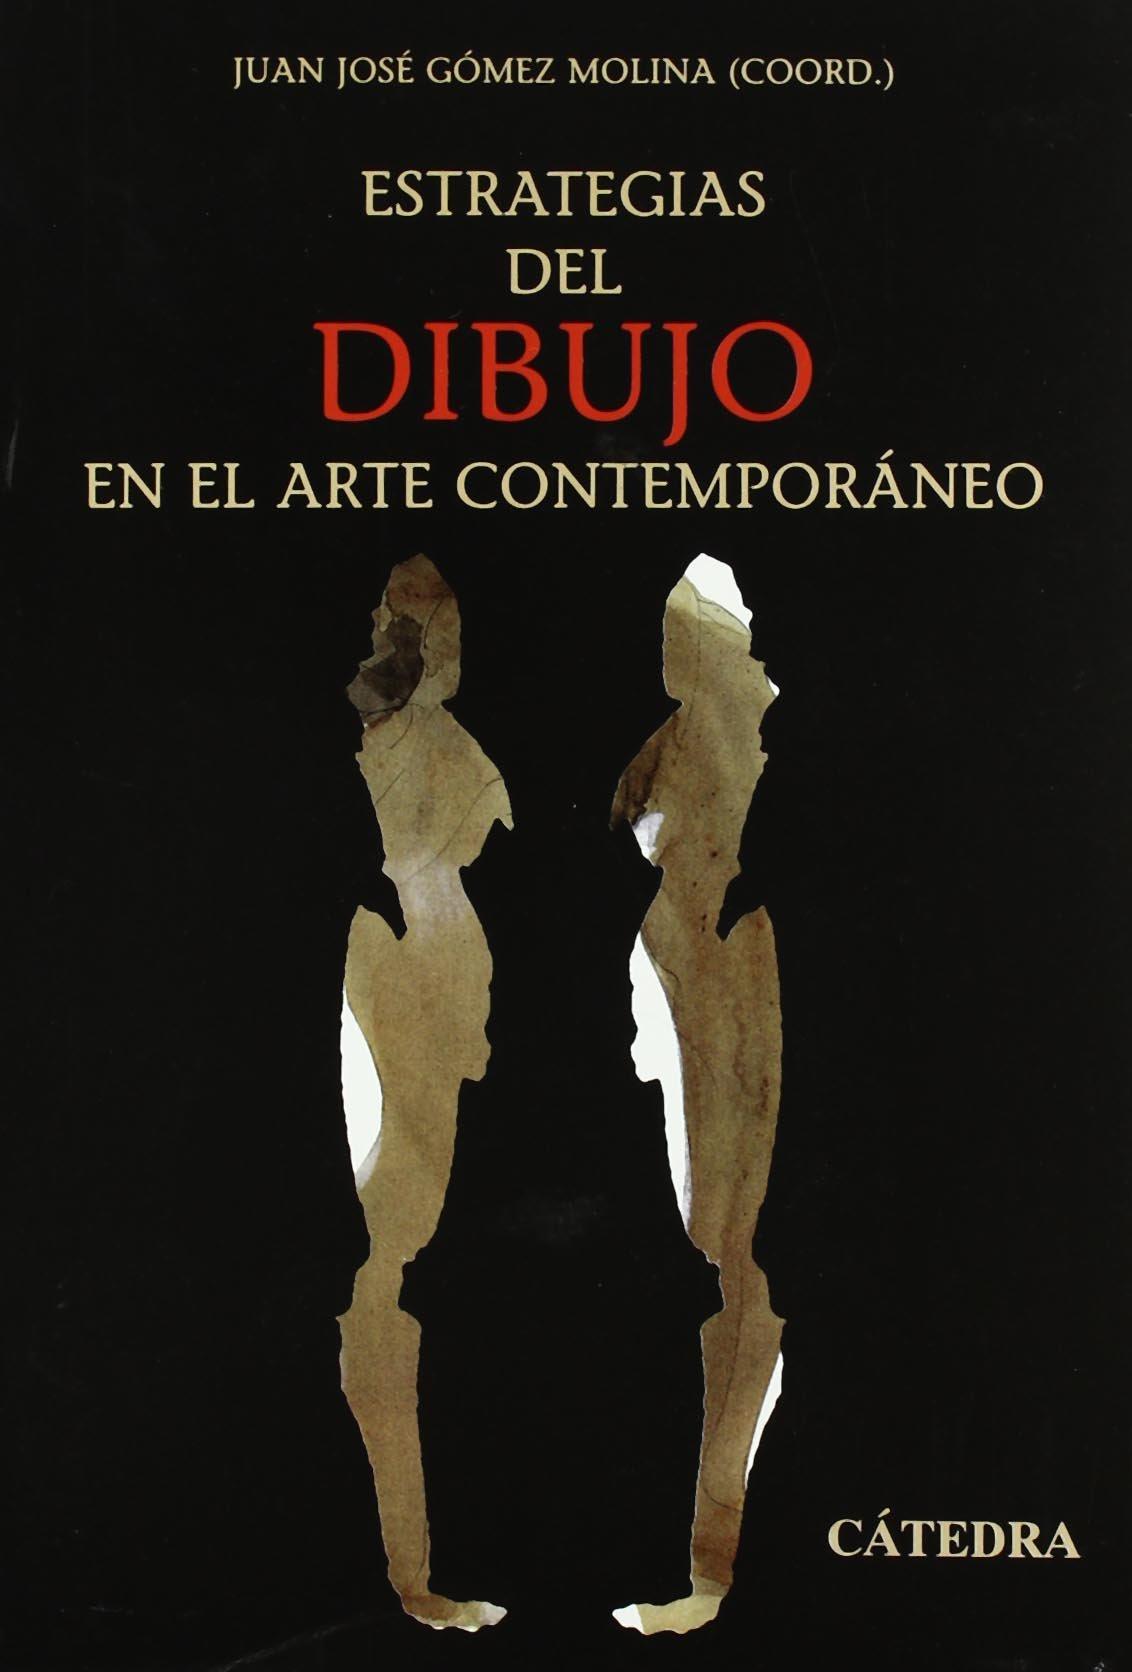 Estrategias del dibujo en el arte contemporáneo (Arte Grandes Temas) Tapa blanda – 5 jun 2006 Lino Cabezas Fernando Castro Flórez José Jiménez Alberto J. Ruiz de Samaniego